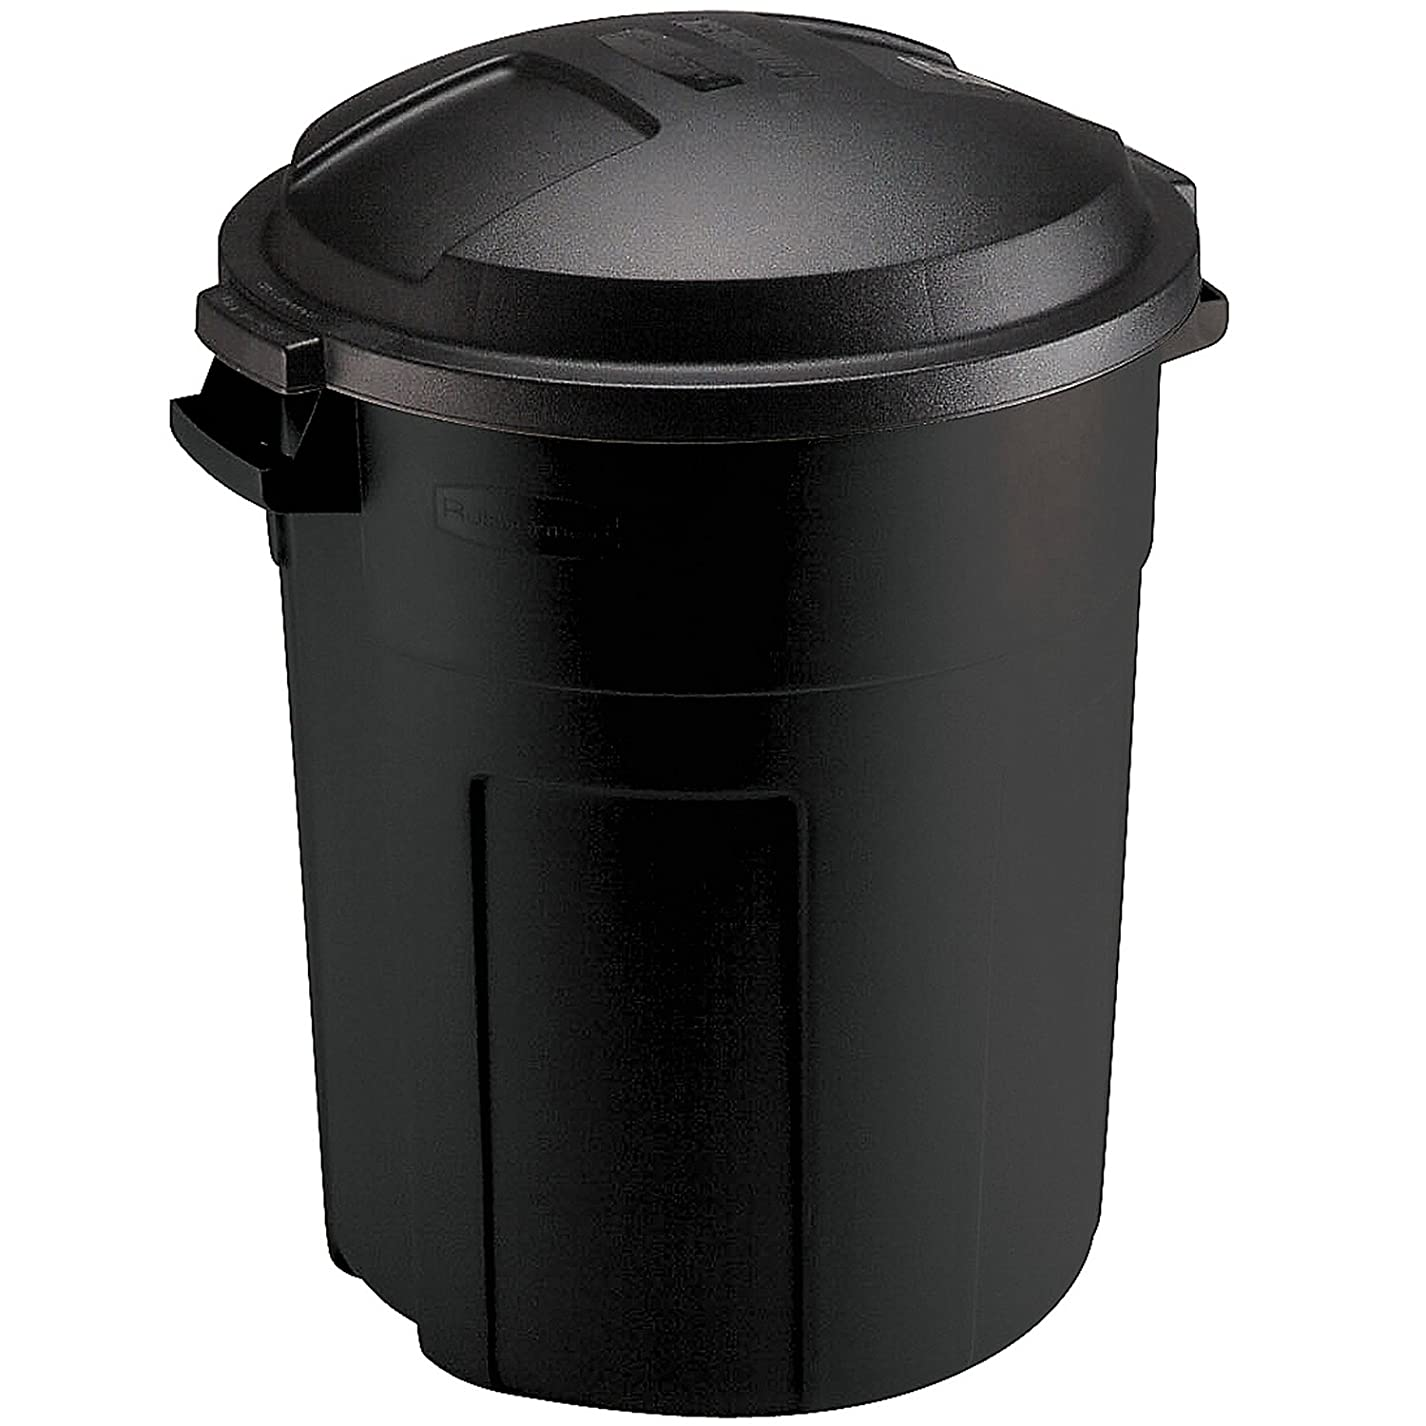 不合格フラップ散文ラバーメイド(Rubbermaid) 屋外用 ゴミ箱 丸型 ラフネック20ガロン (75.7L) ブラック FG289200BLA